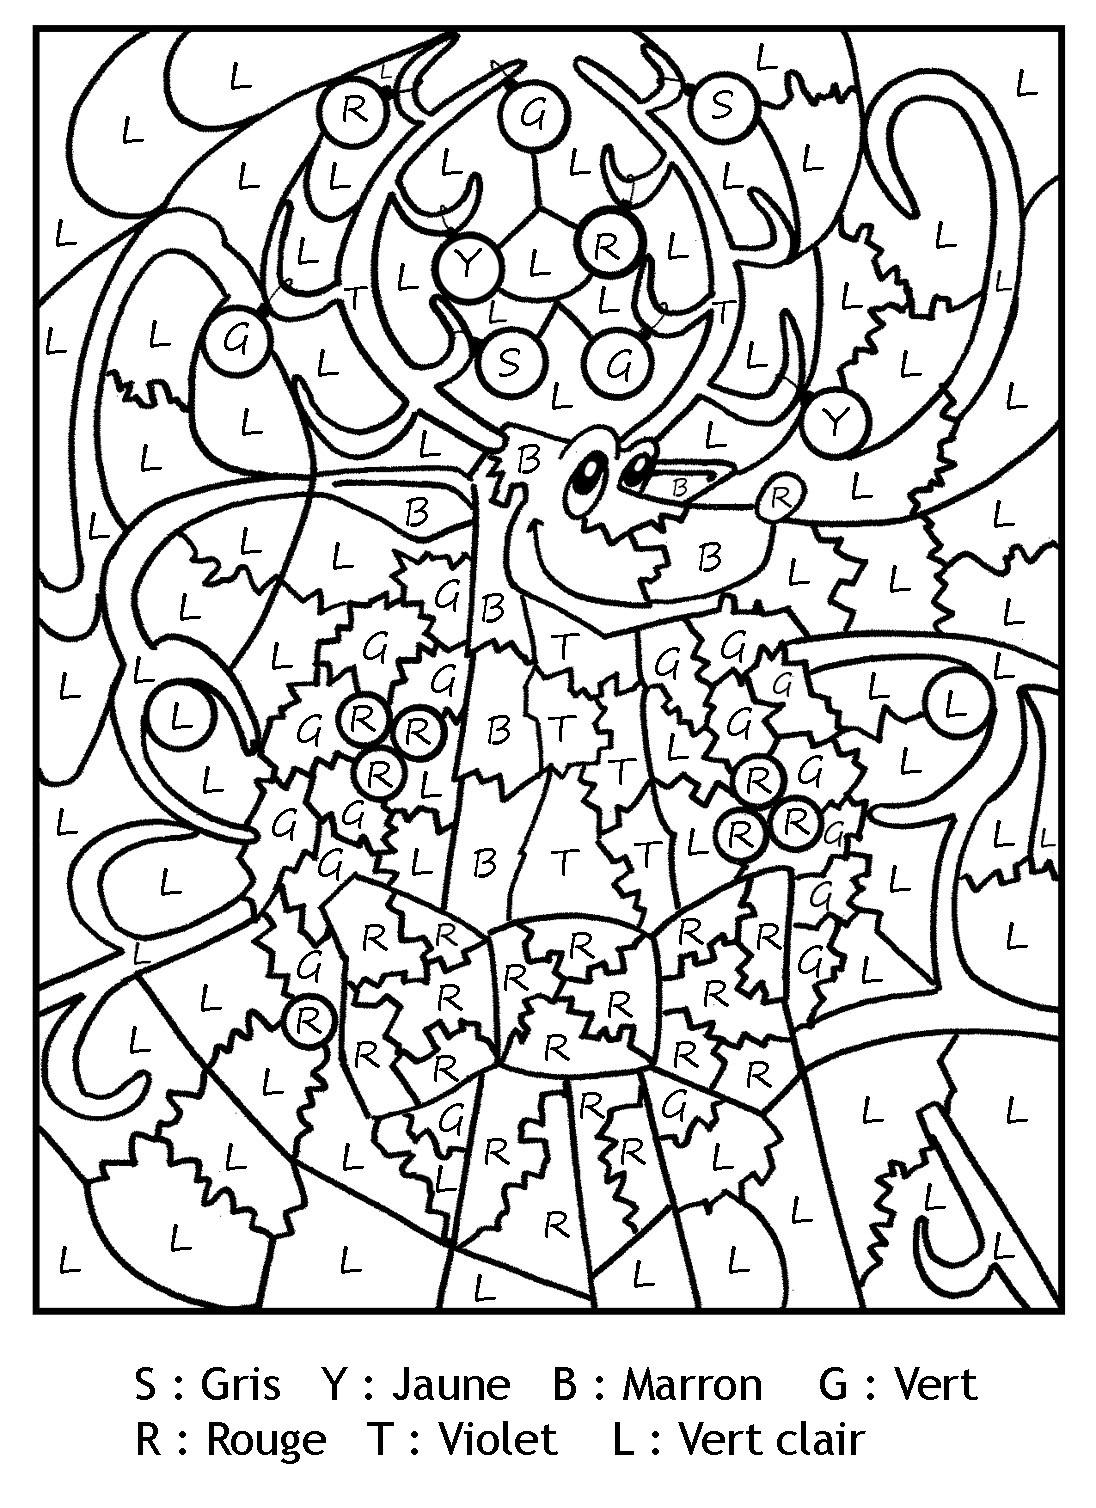 Magique Gratuit Lettres Renne Noel - Coloriage Magique à Jeux Coloriage Magique